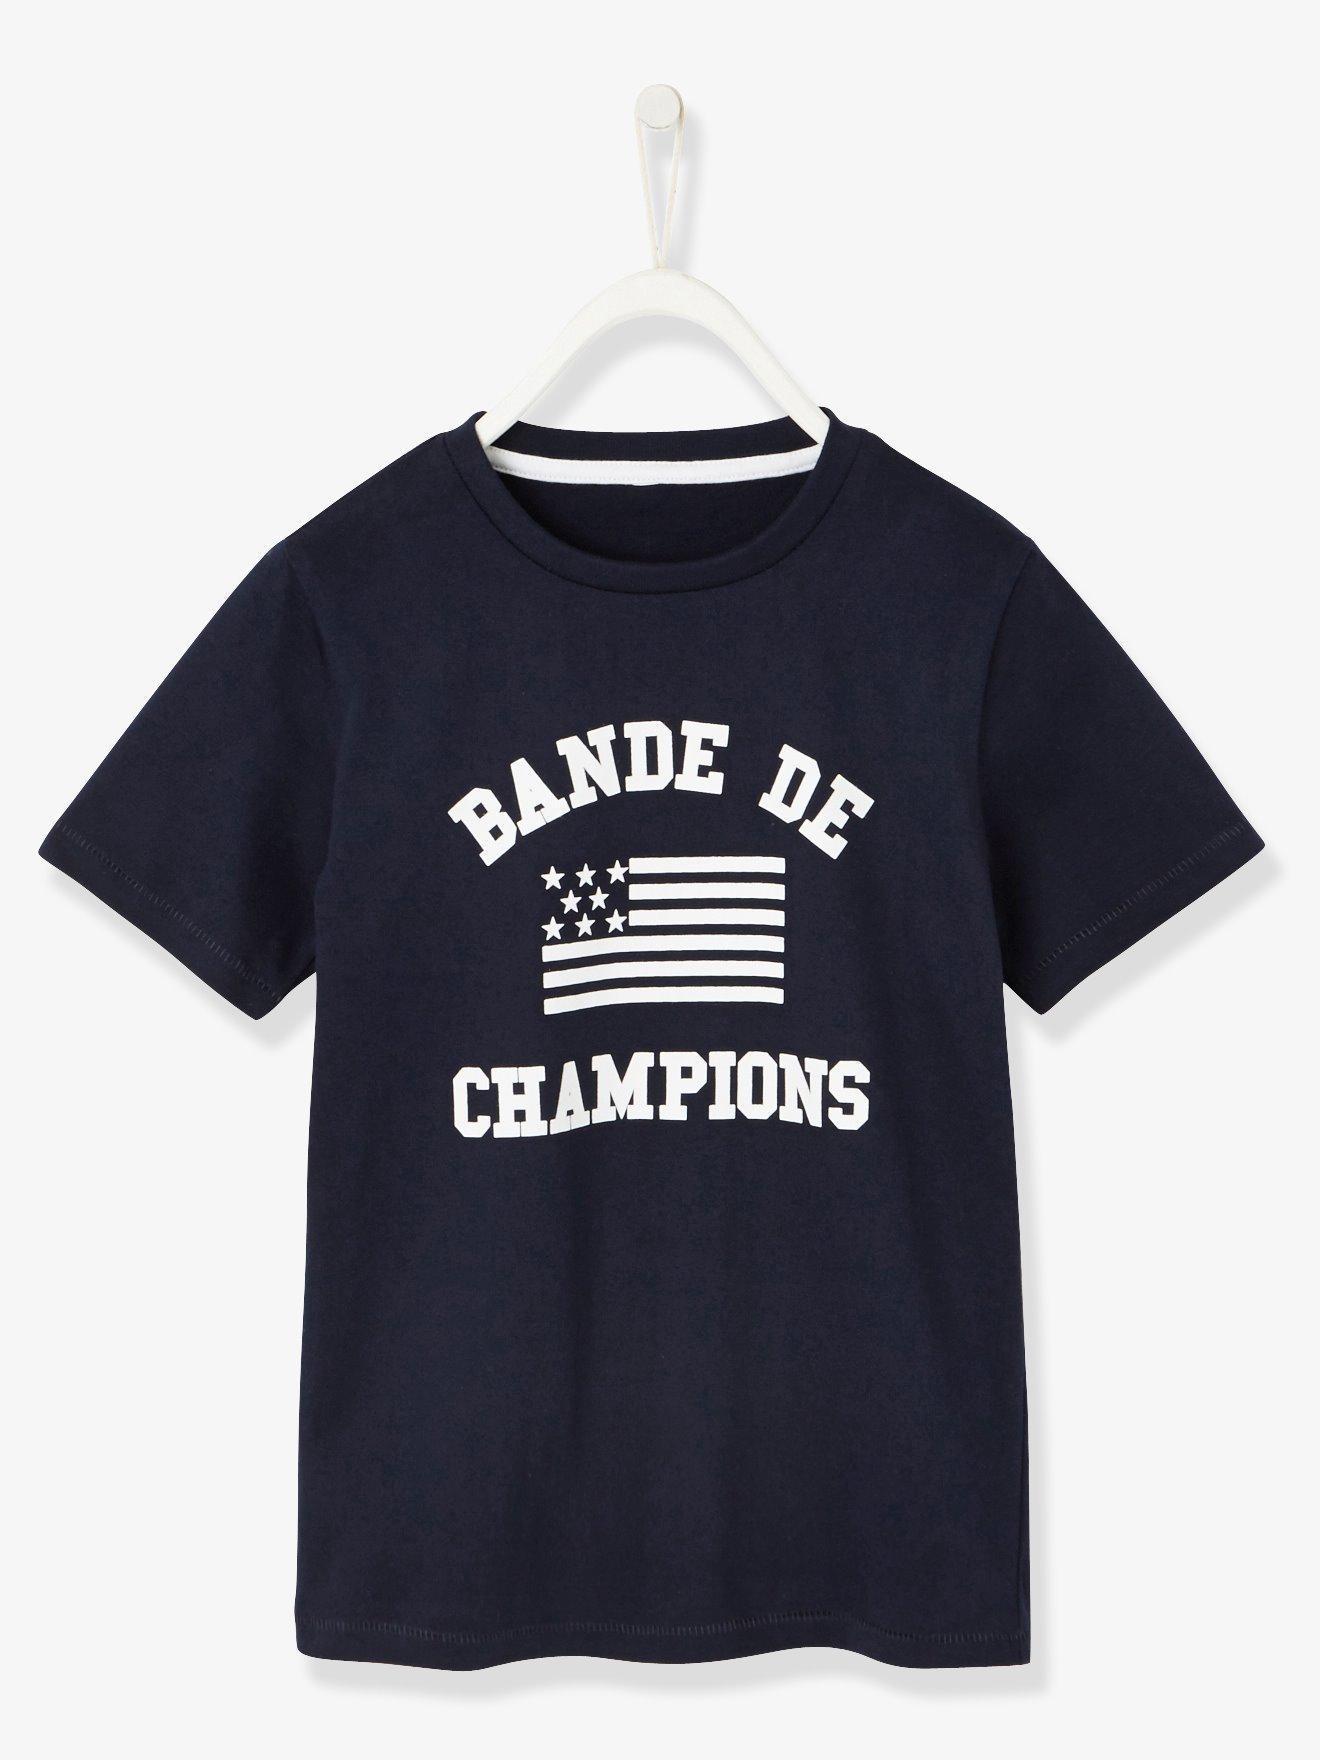 24c89e91f4a Camiseta para niño con motivo bande de champions azul oscuro liso con  motivos. Vertbaudet